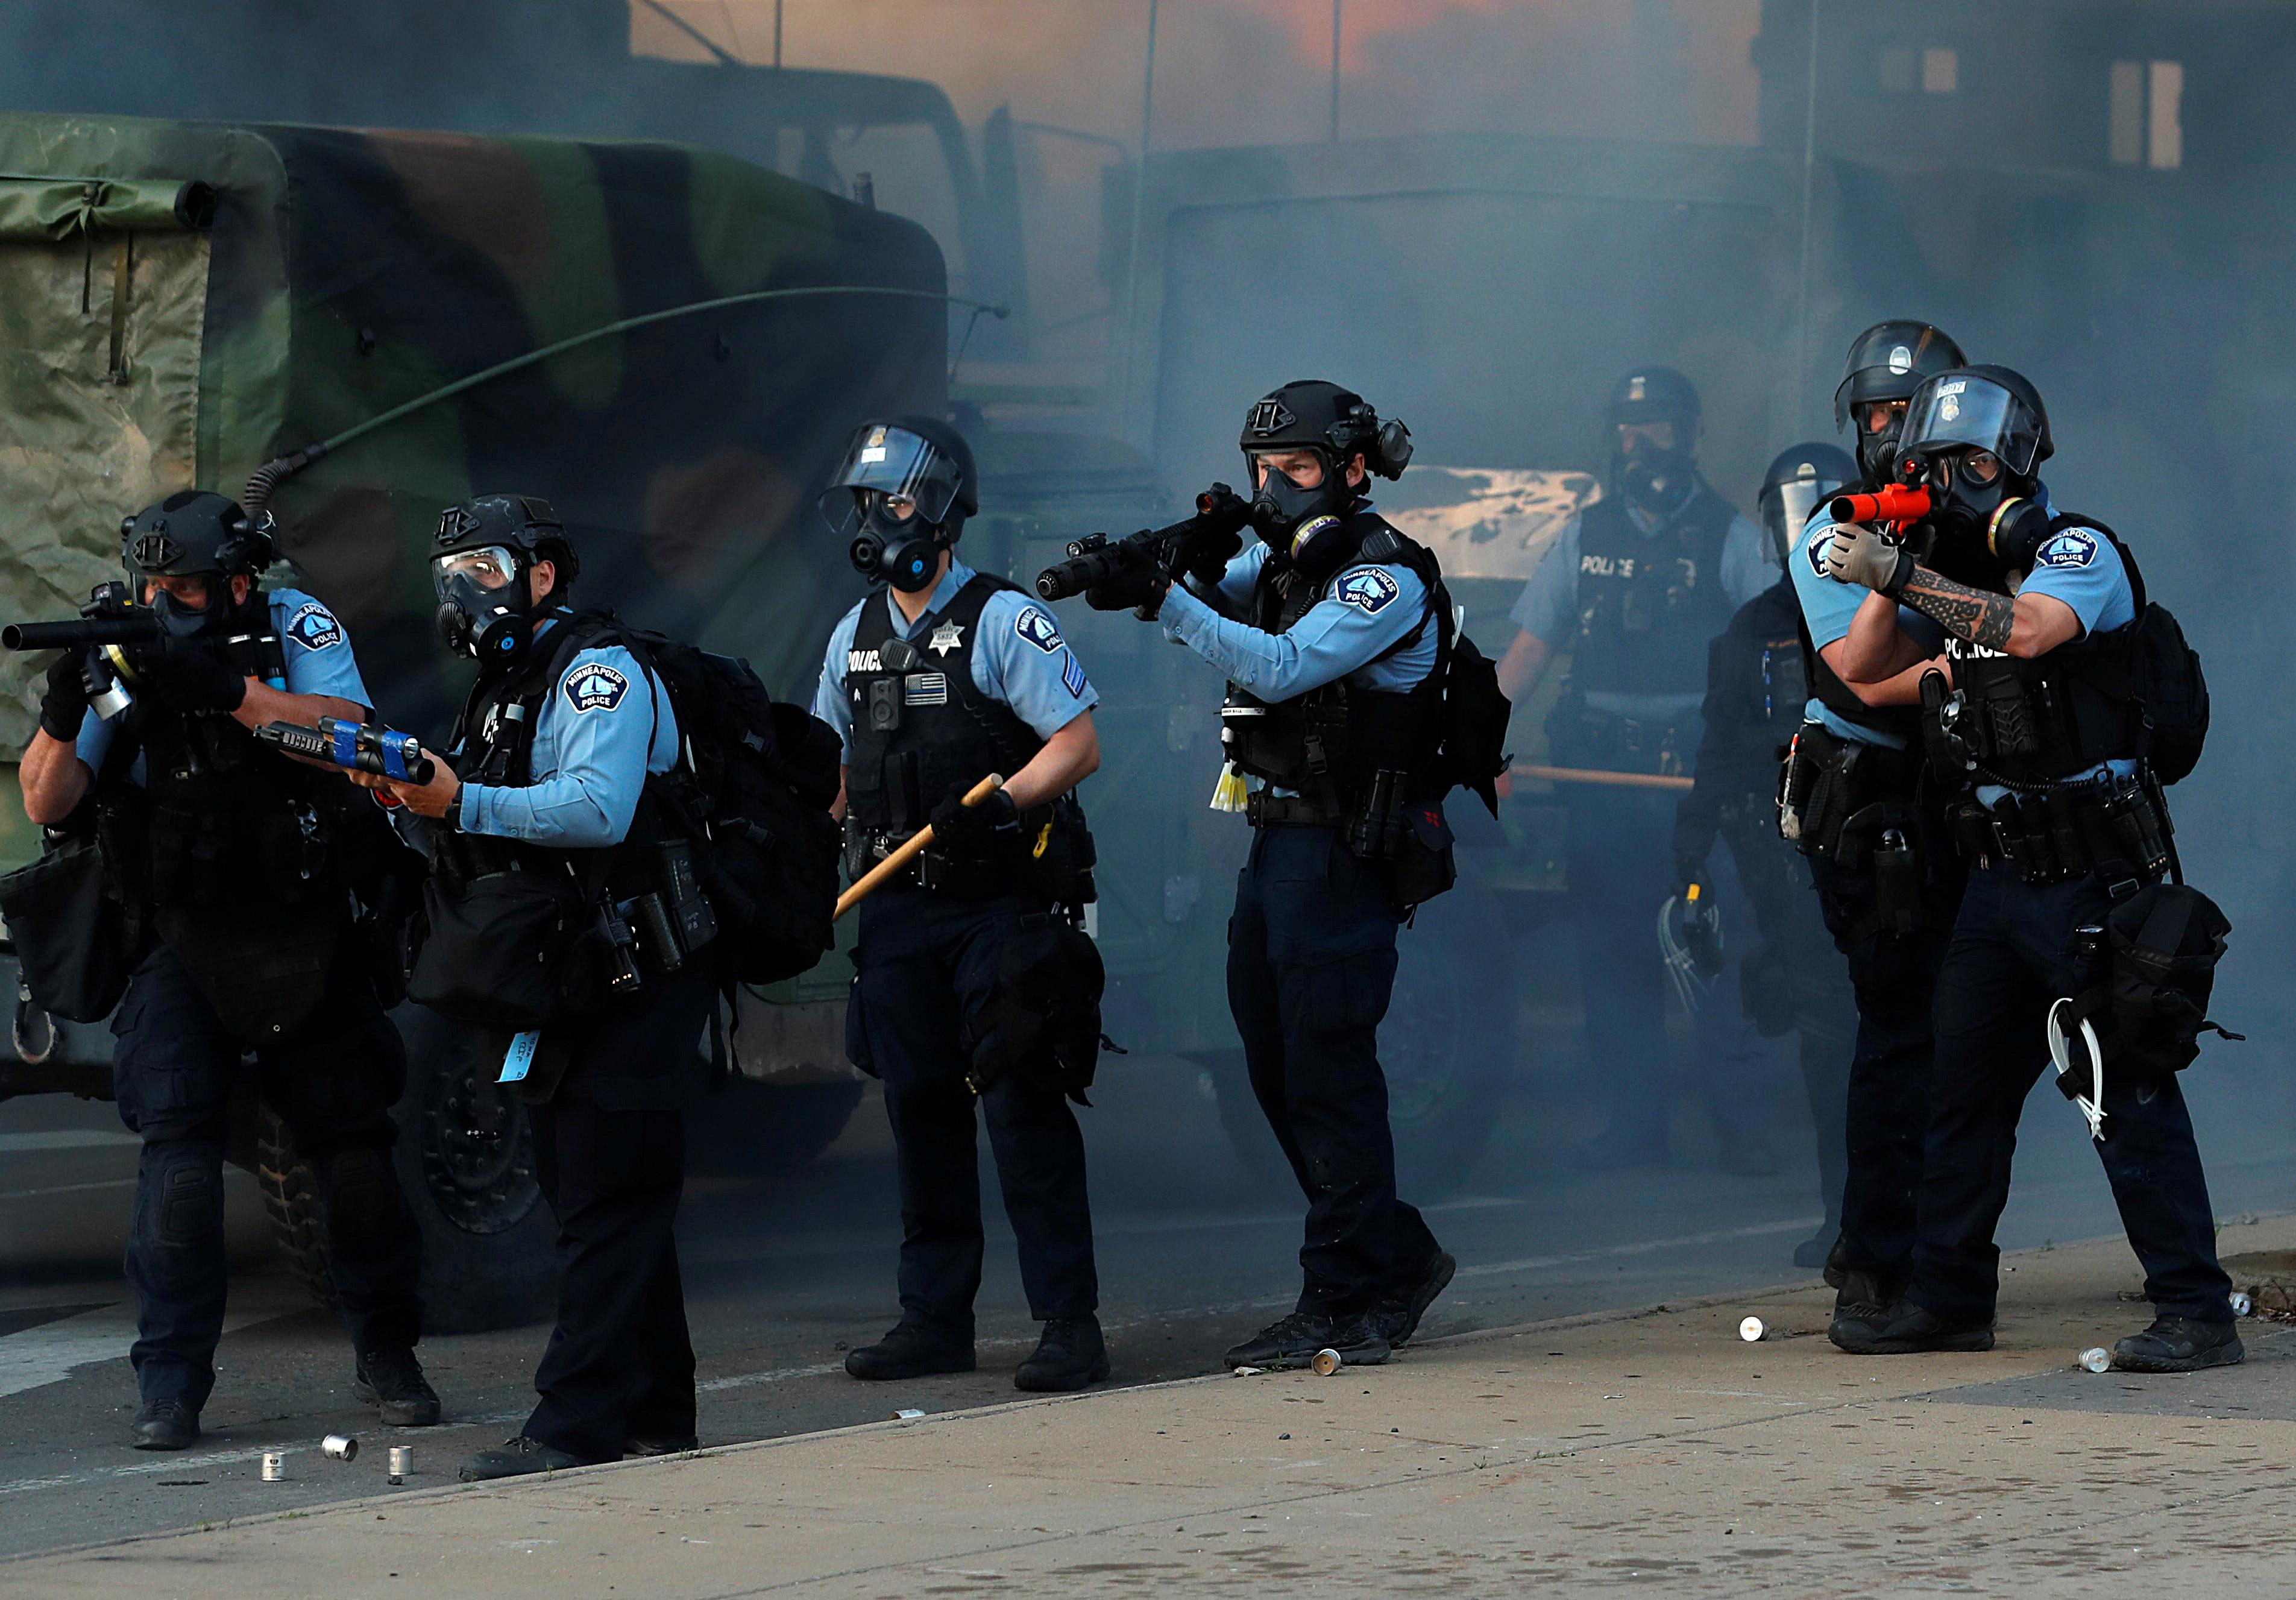 Policías se agrupan durante las protestas que se produjeron en Minneapolis en horas de la tarde de este viernes (REUTERS/Lucas Jackson)